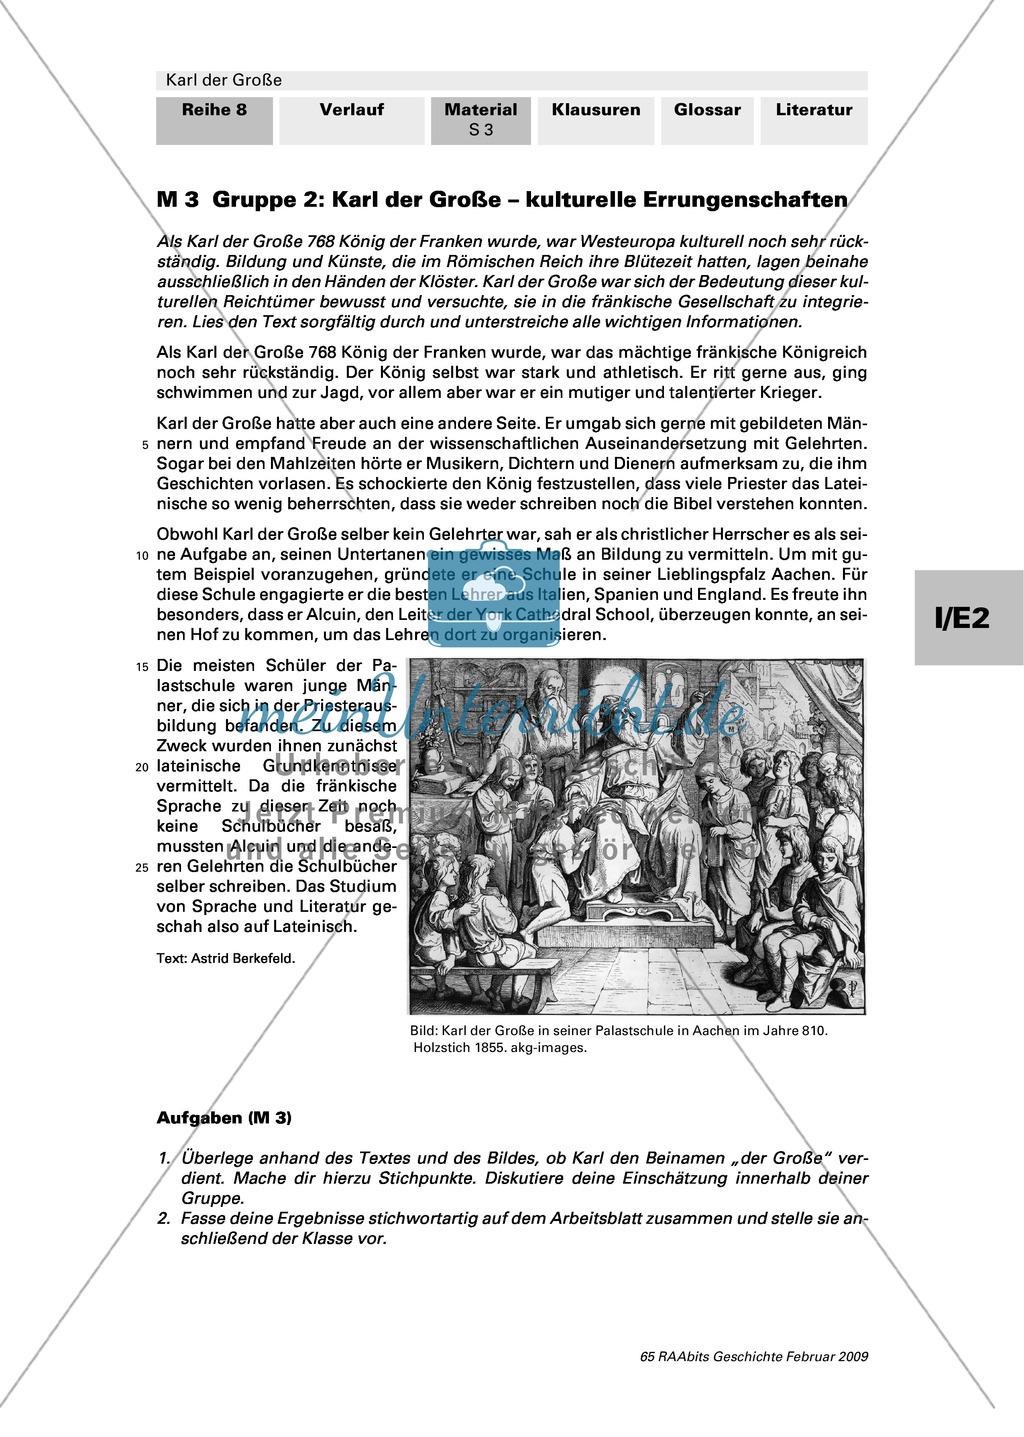 Karl der Große: Ein bedeutender Herrscher? Preview 4